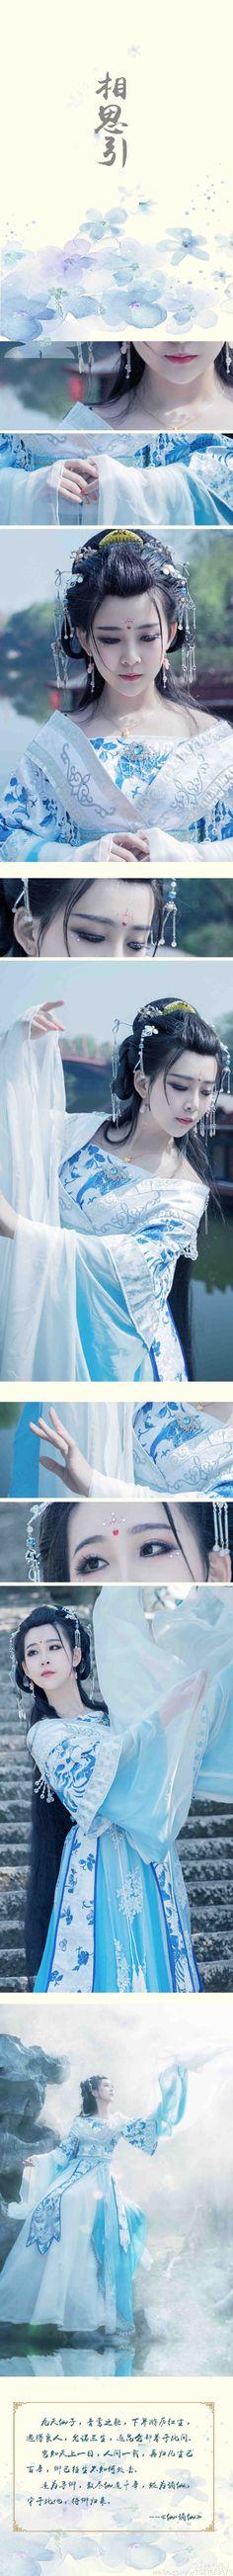 神魔井-秭颜 's Weibo_Weibo Geisha, Traditional Fashion, Traditional Outfits, China Girl, Chinese Clothing, Ancient China, Chinese Culture, Cultura Pop, Hanfu